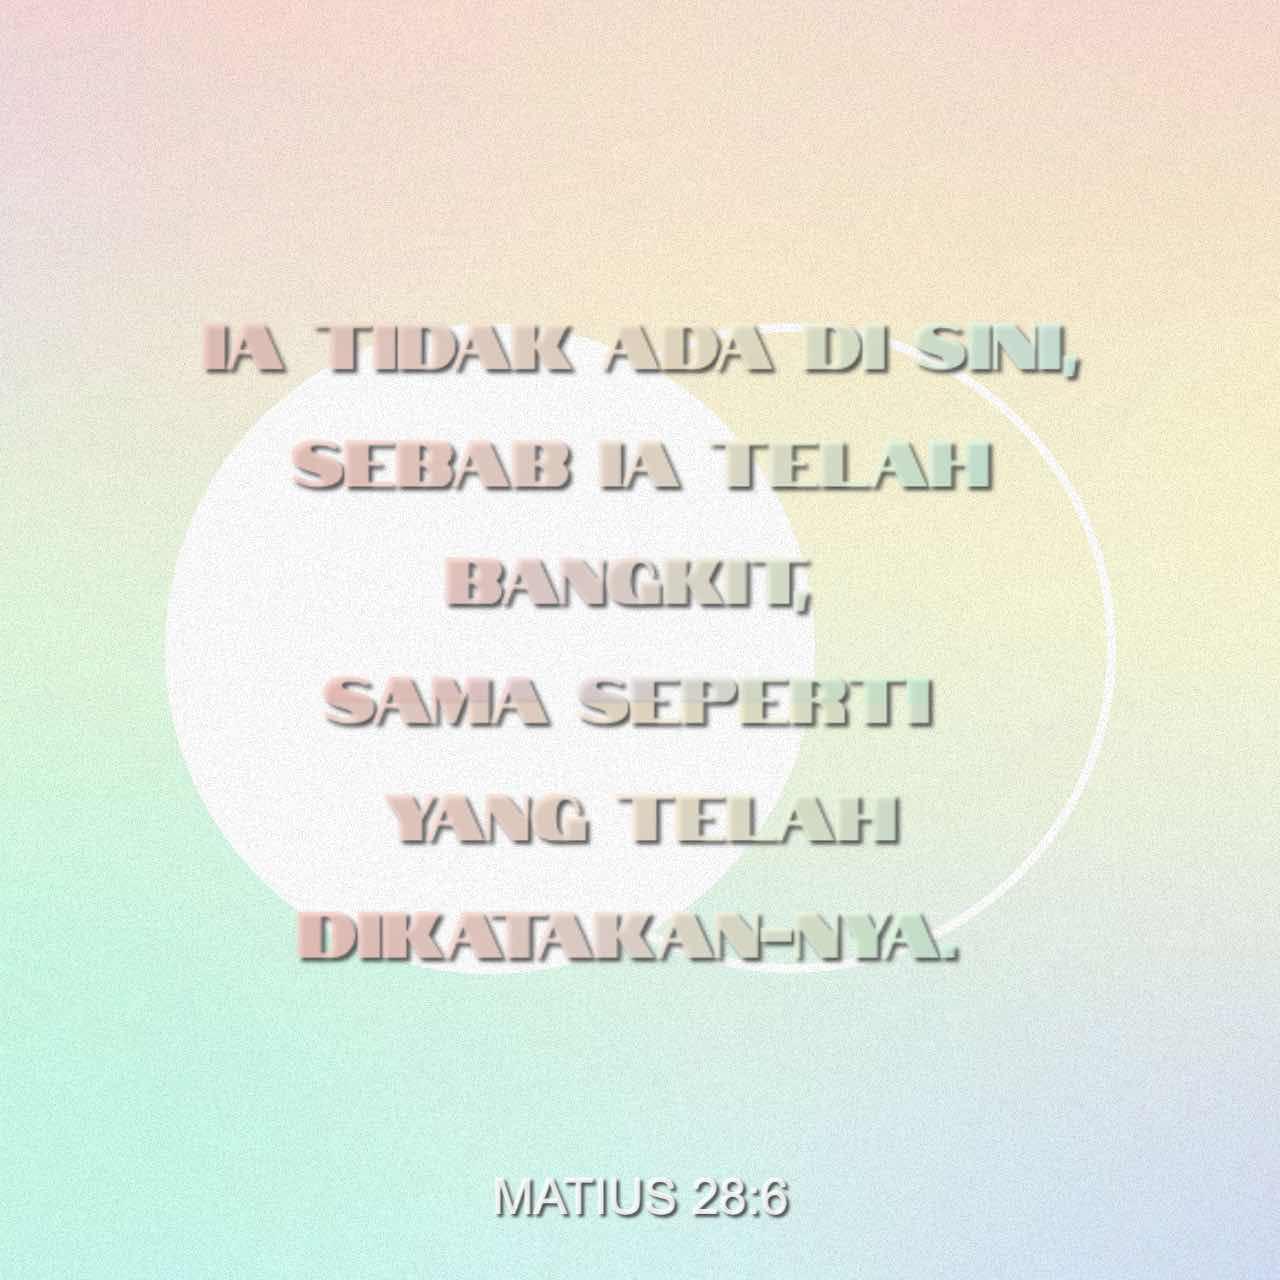 Dia Telah Bangkit - Matius 28:6 - Gambar Ayat